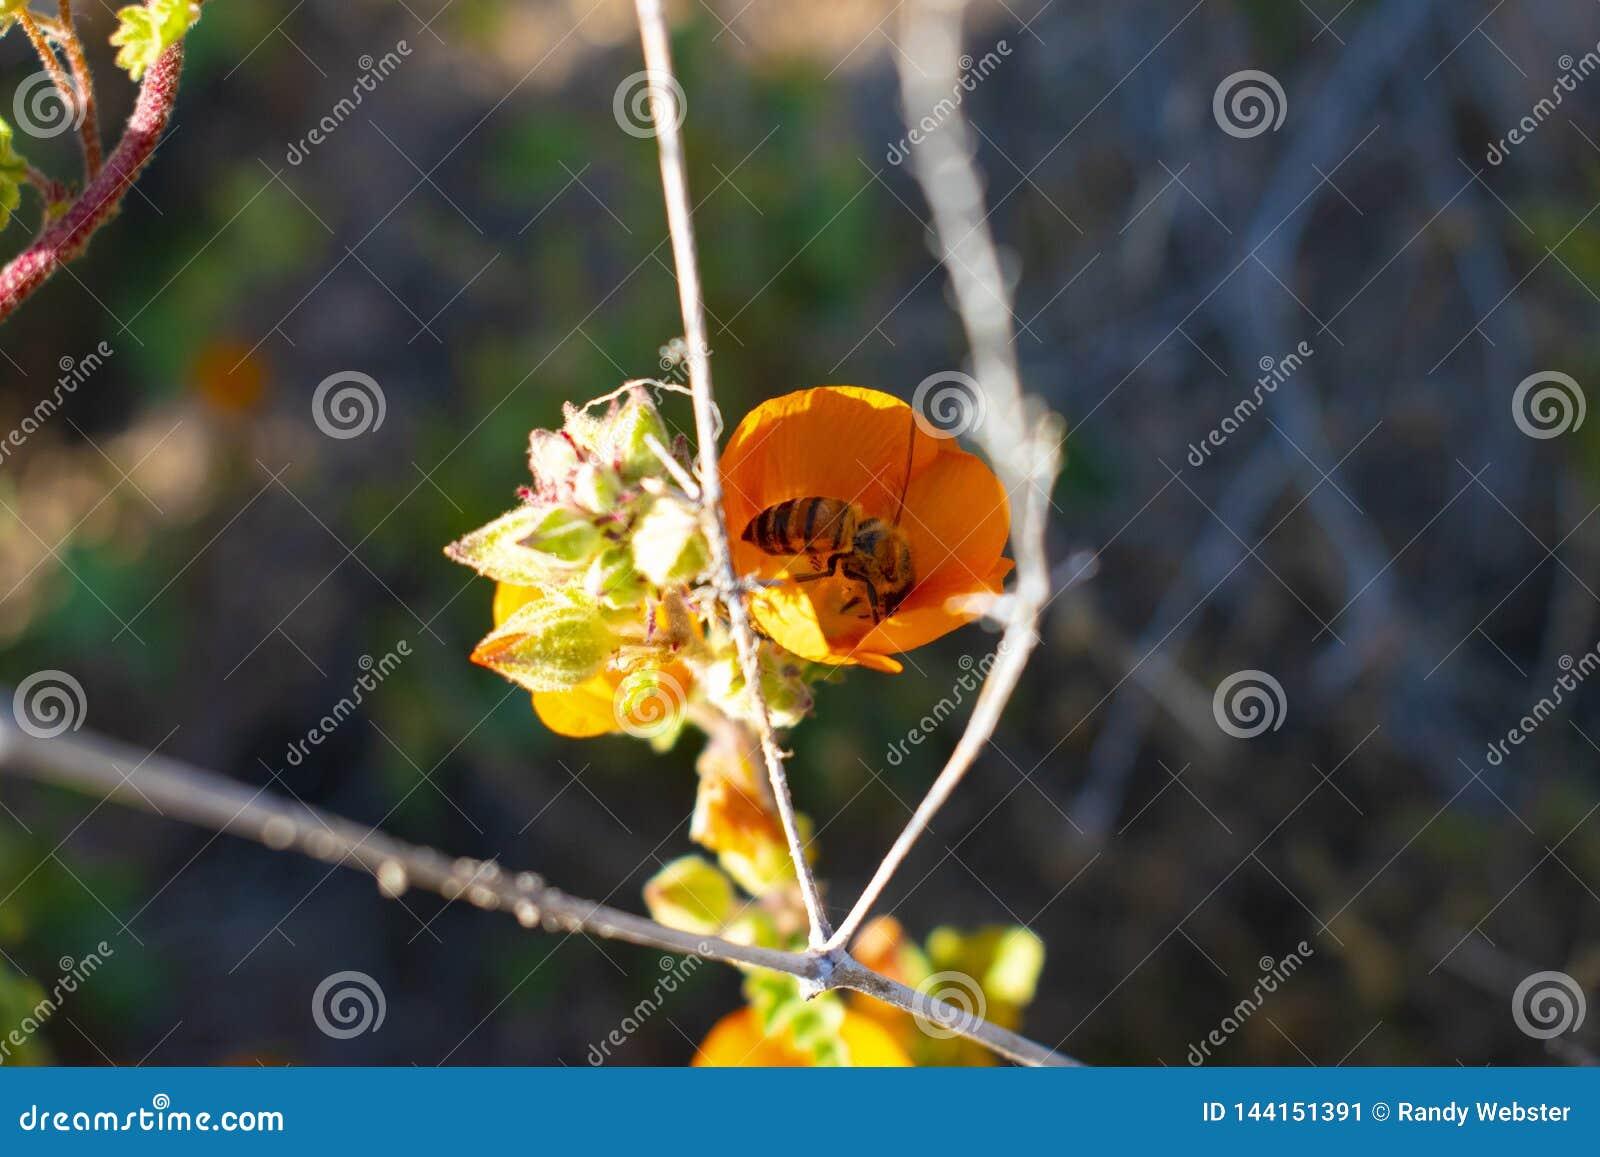 Flor del desierto de Arizona con una abeja